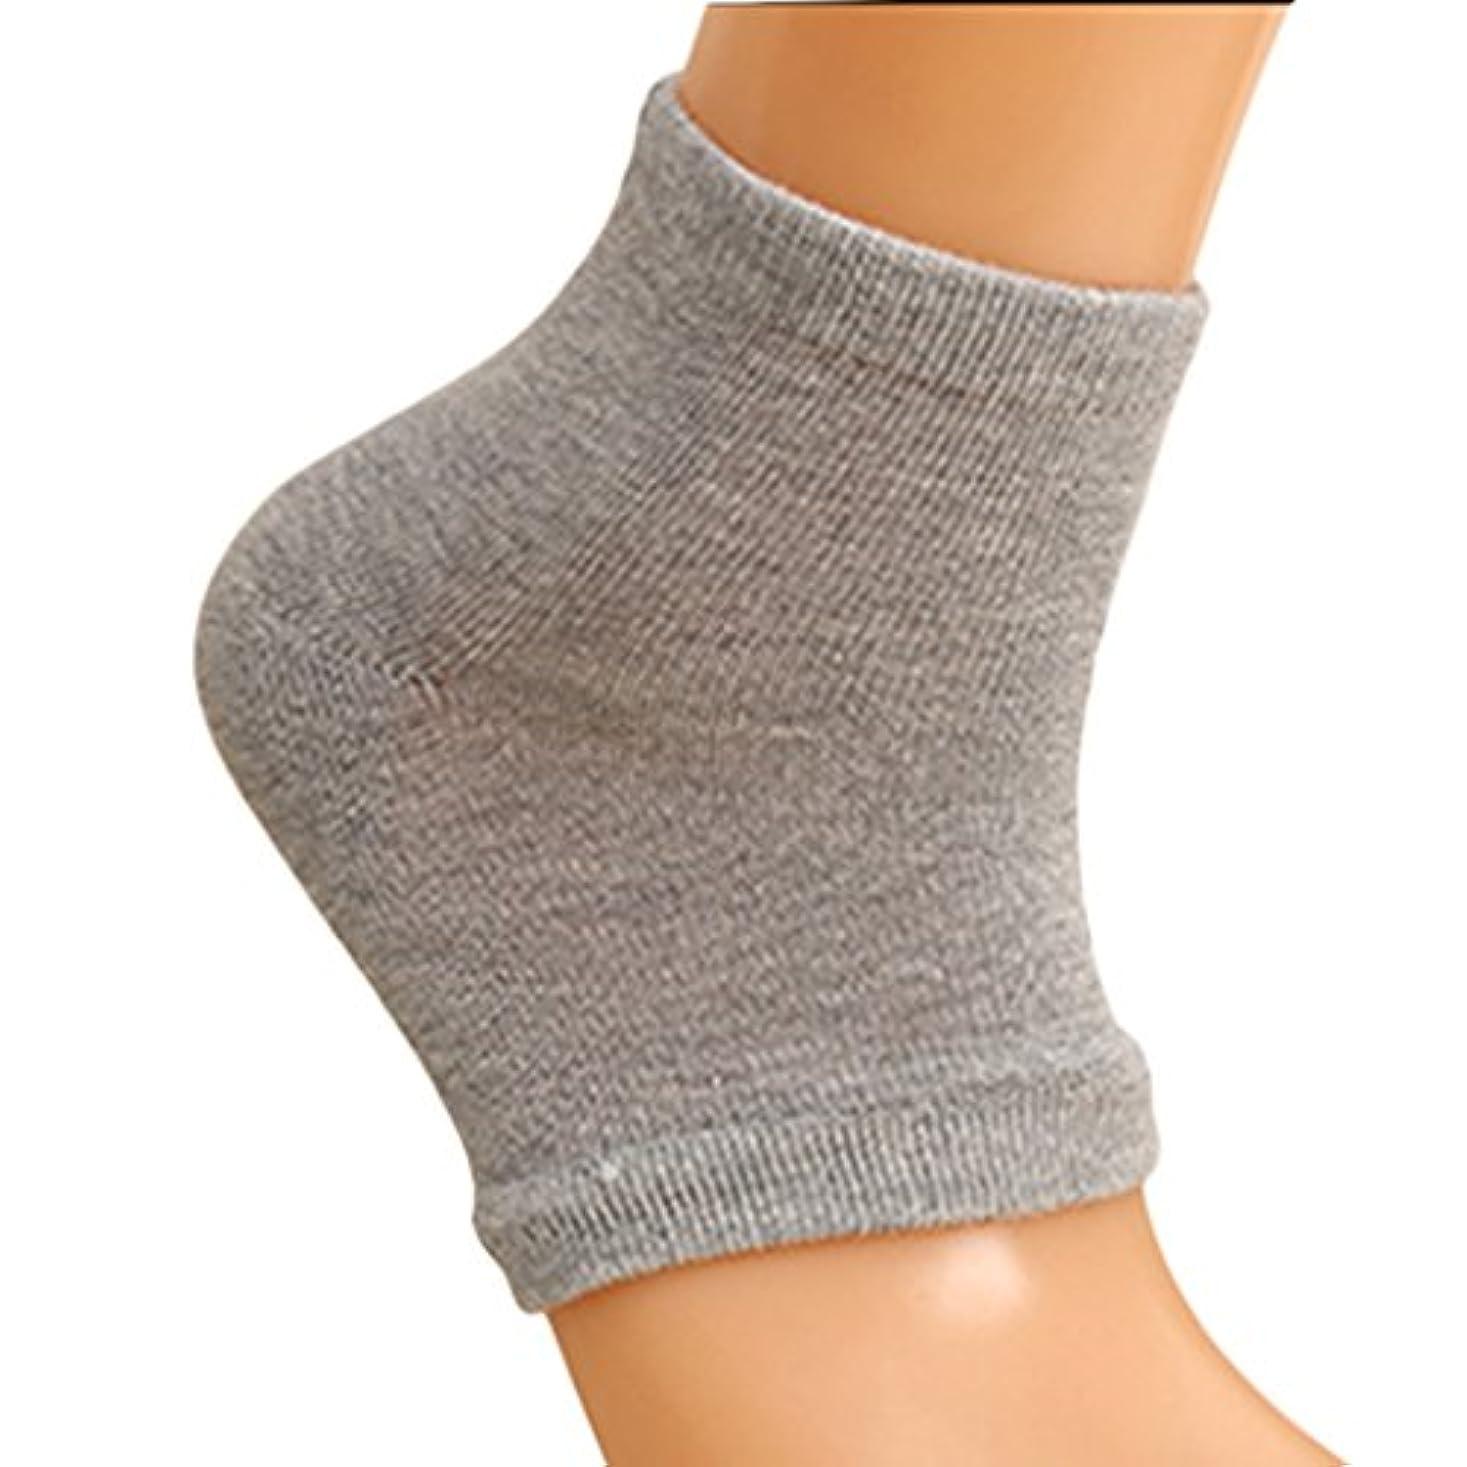 著作権遠足ターゲットSeliyi 2色組 靴下 ソックス レディース メンズ 靴下 つるつる 靴下 フットケア かかとケア ひび 角質ケア 保湿 角質除去(ピンク+グレー)